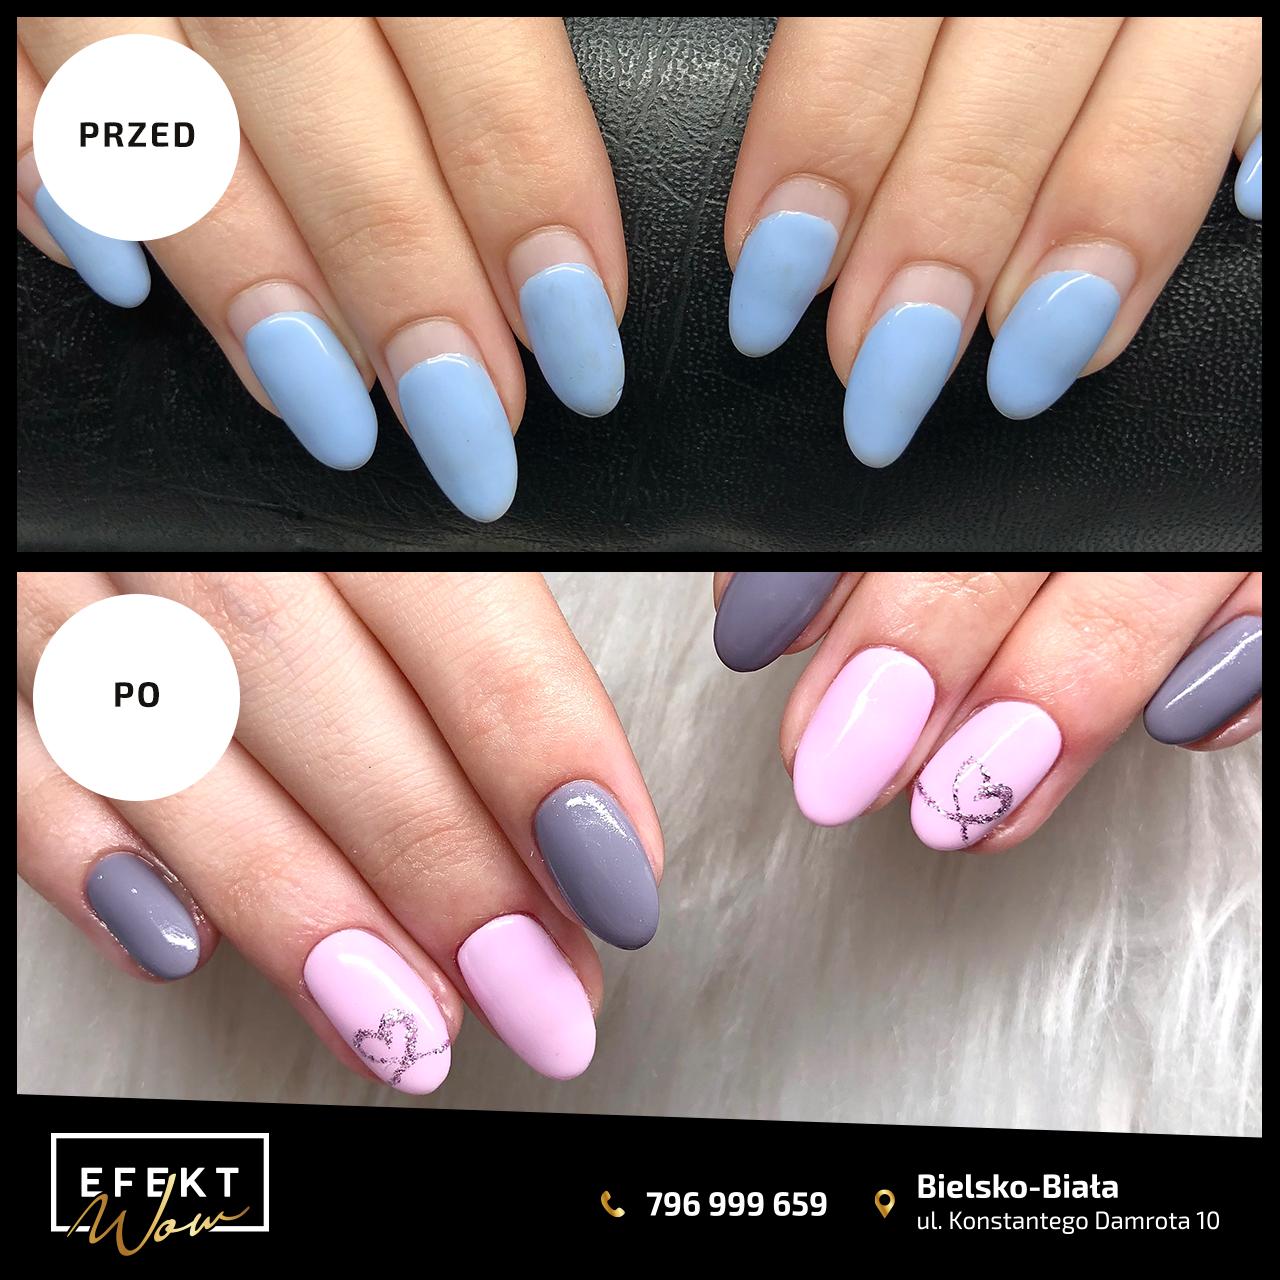 Manicure Bielsko-Biała - Salon Kosmetyczny Efekt WOW 5